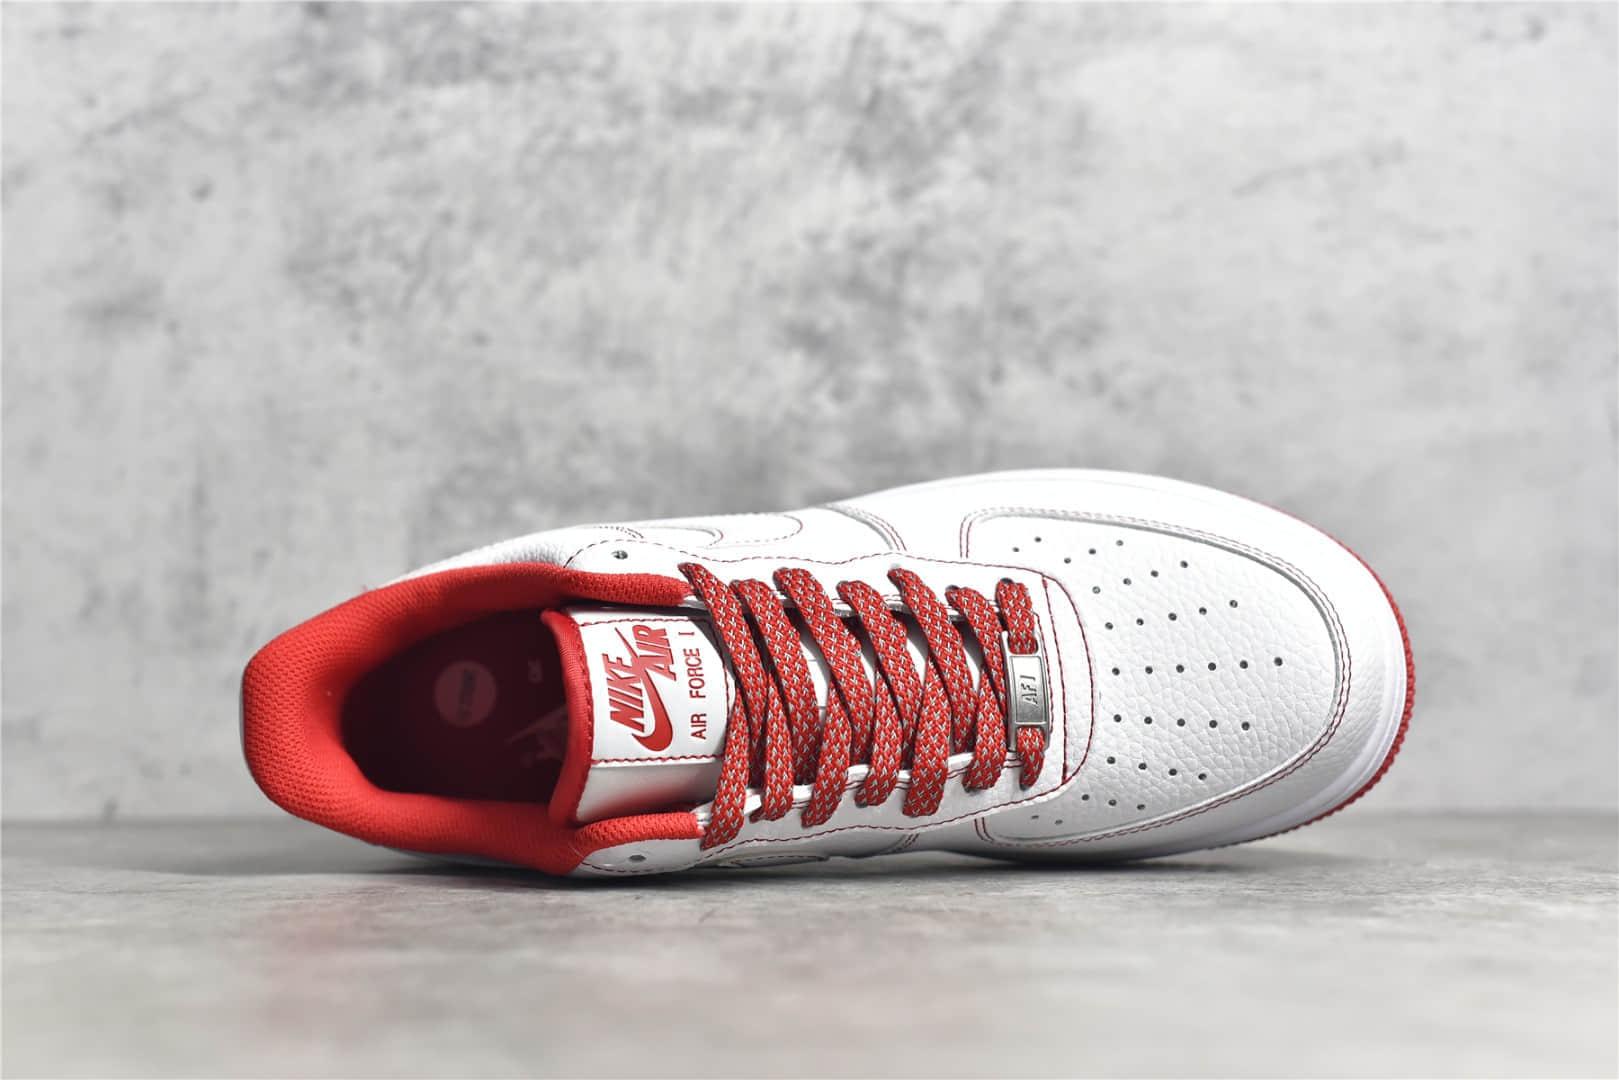 耐克空军一号白红低帮 Nike Air Force 1 SU19 空军一号3M反光低帮 货号:CN2896-101-潮流者之家